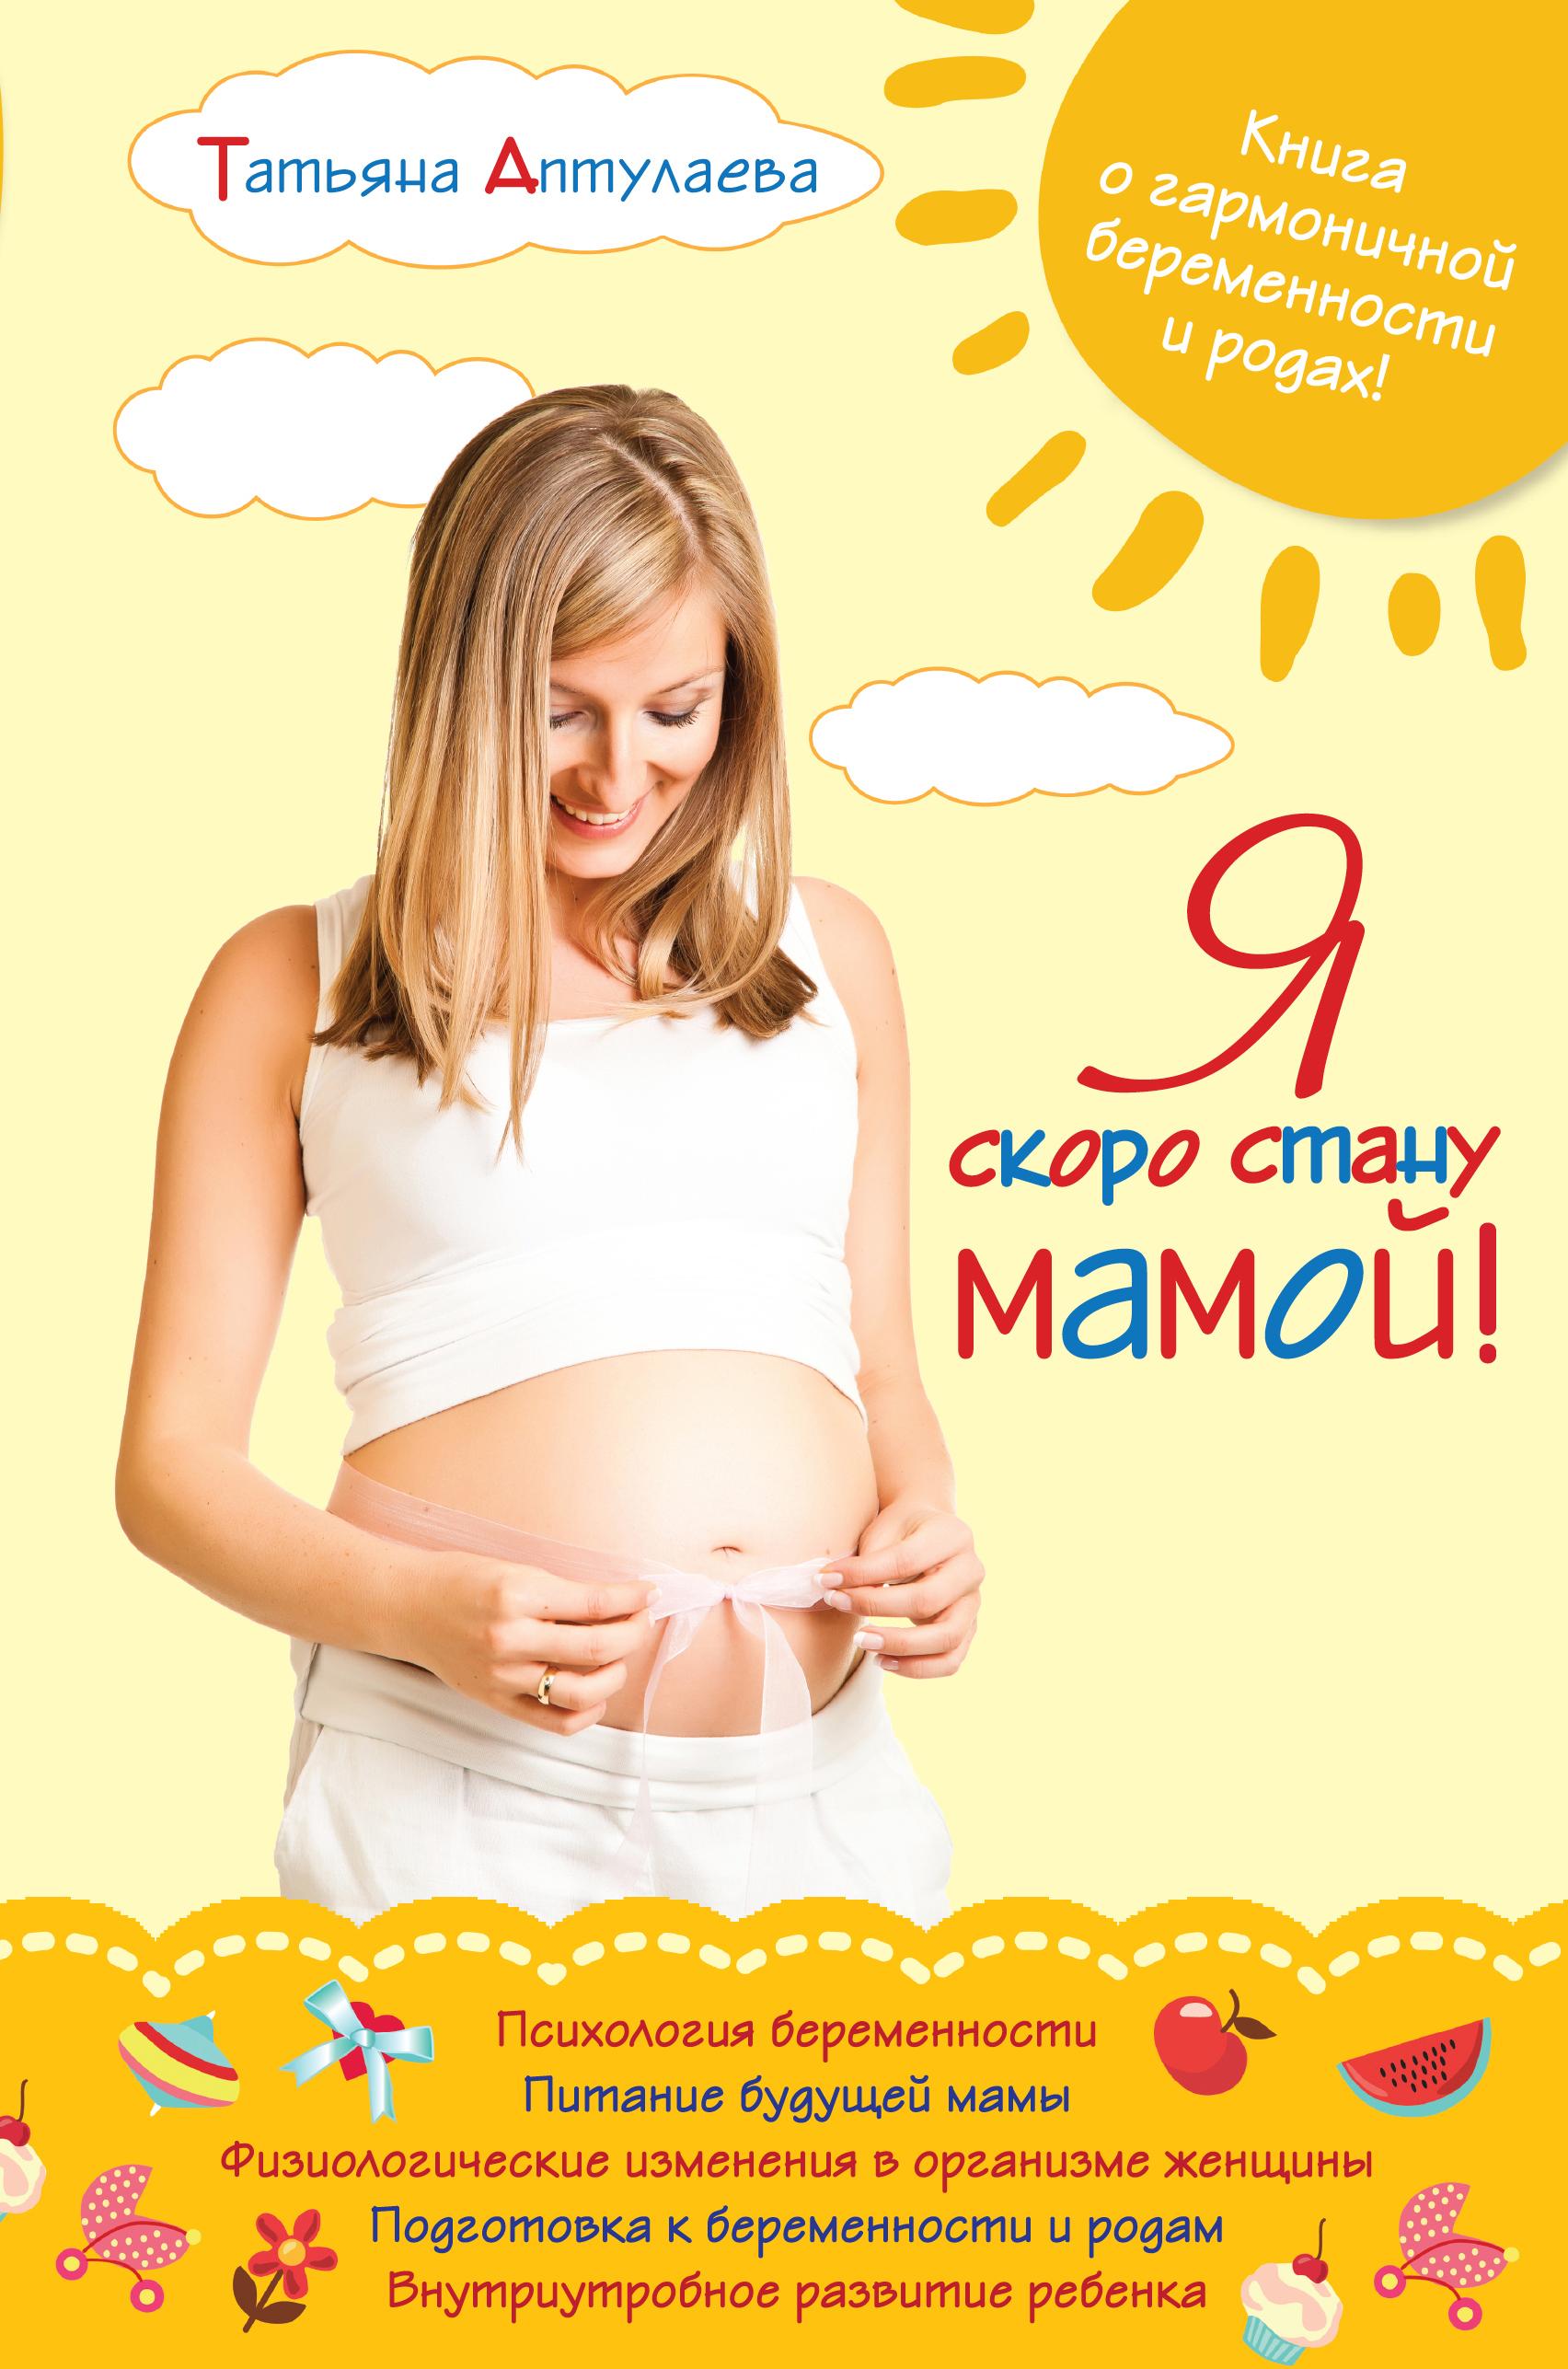 Поздравление ты скоро станешь мамой